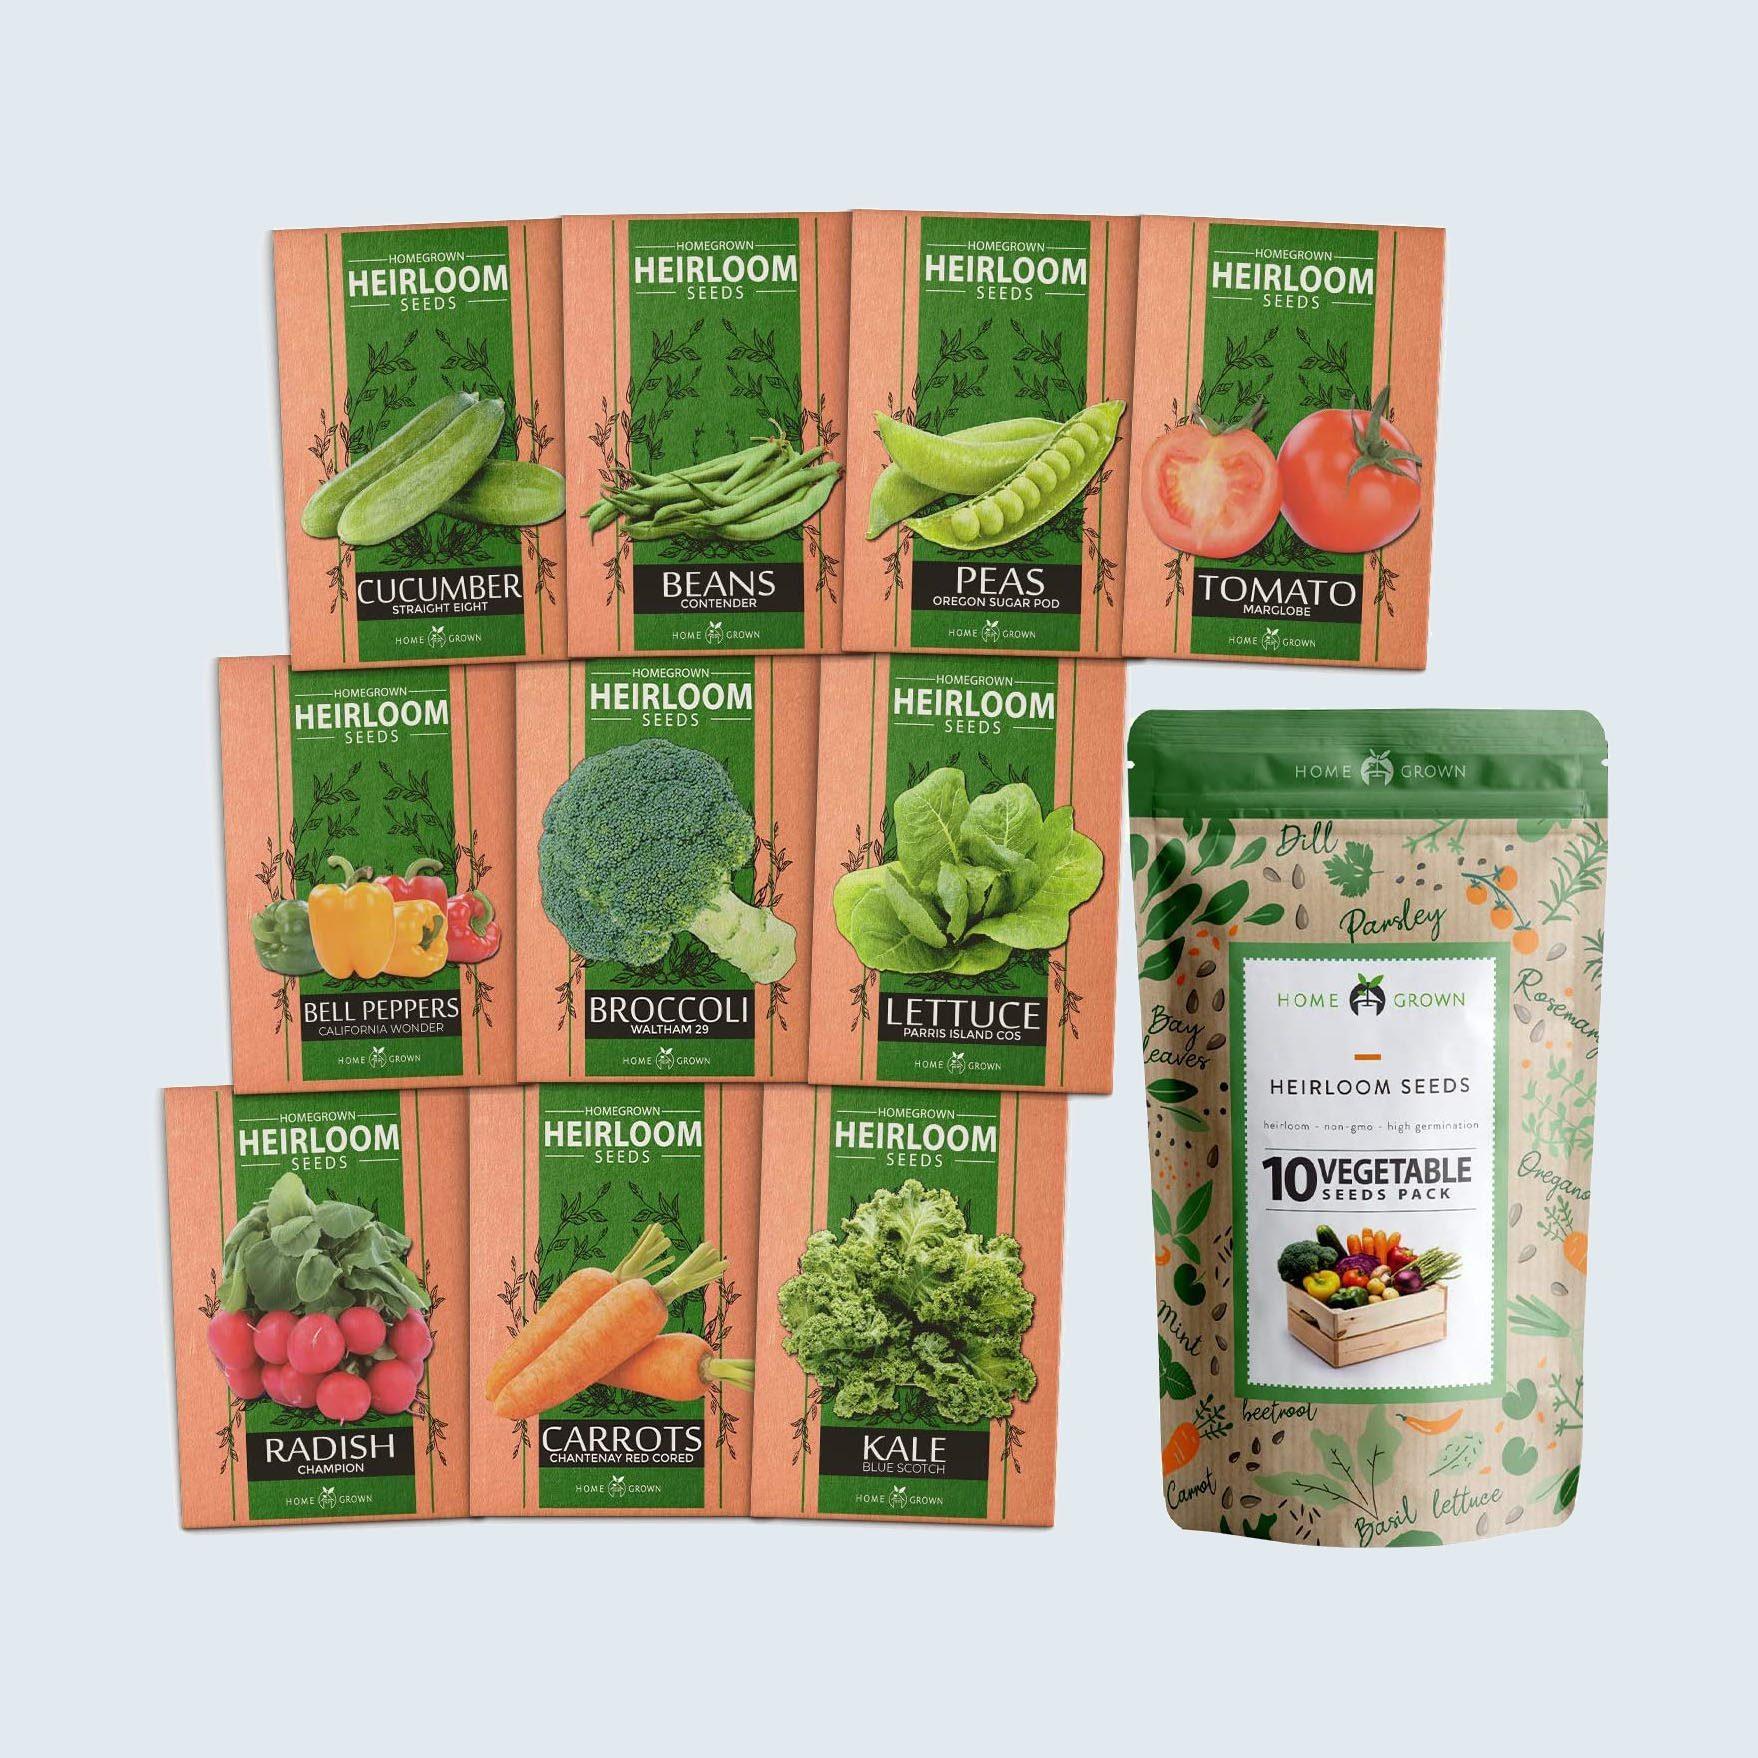 Homegrown Heirloom Vegetable Seeds